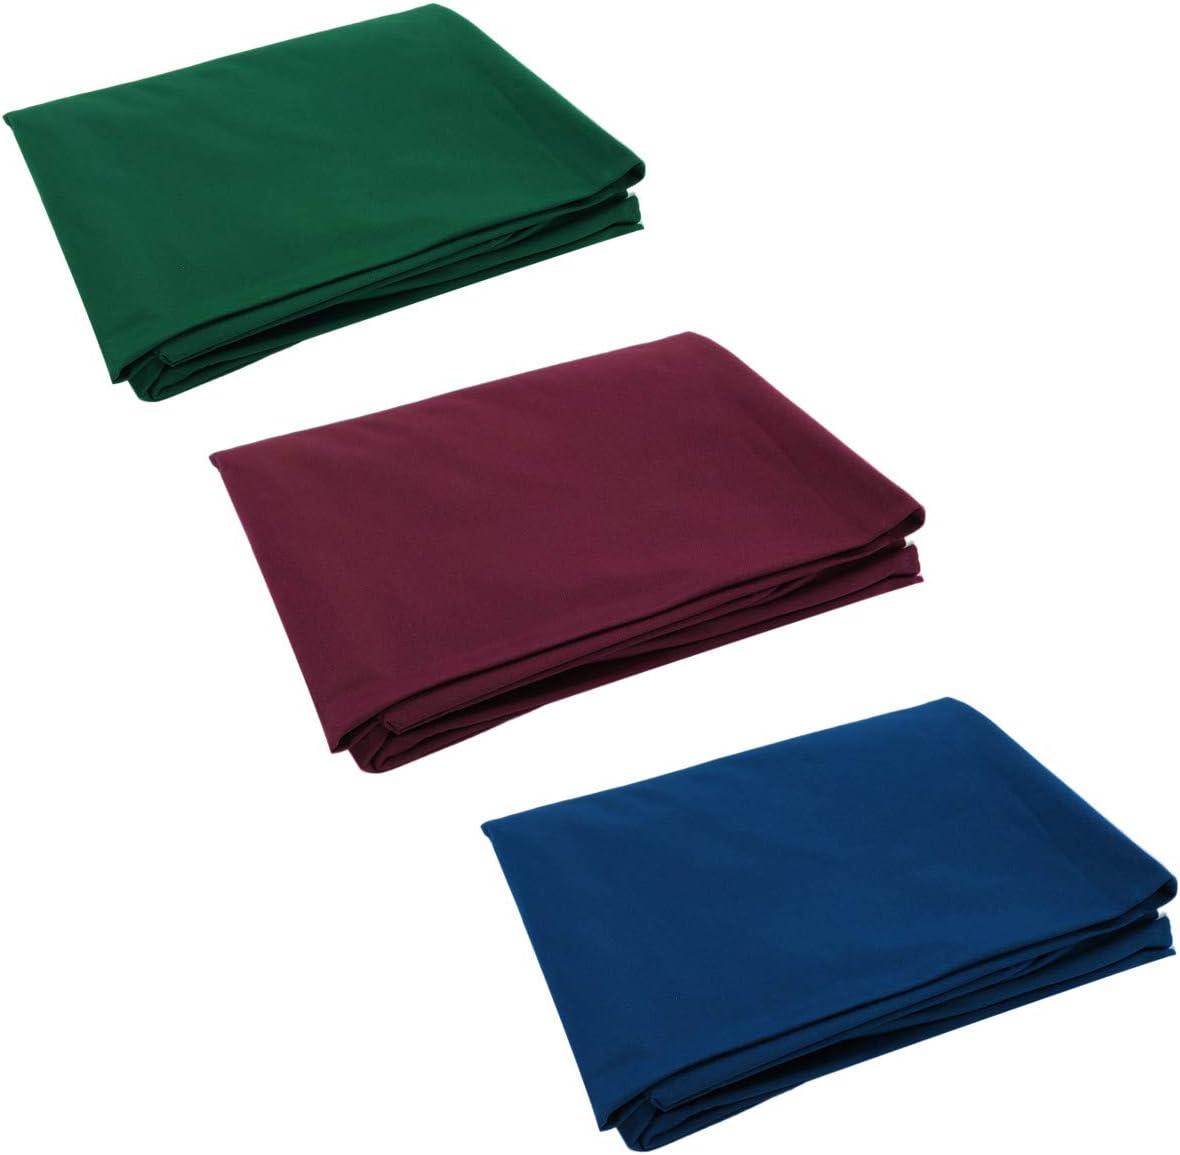 Verde EsportsMJJ 2.5 x 1.45 m Single-sided biliardo piscina tavolo da biliardo di copertura per 7//8 pollici tavolo